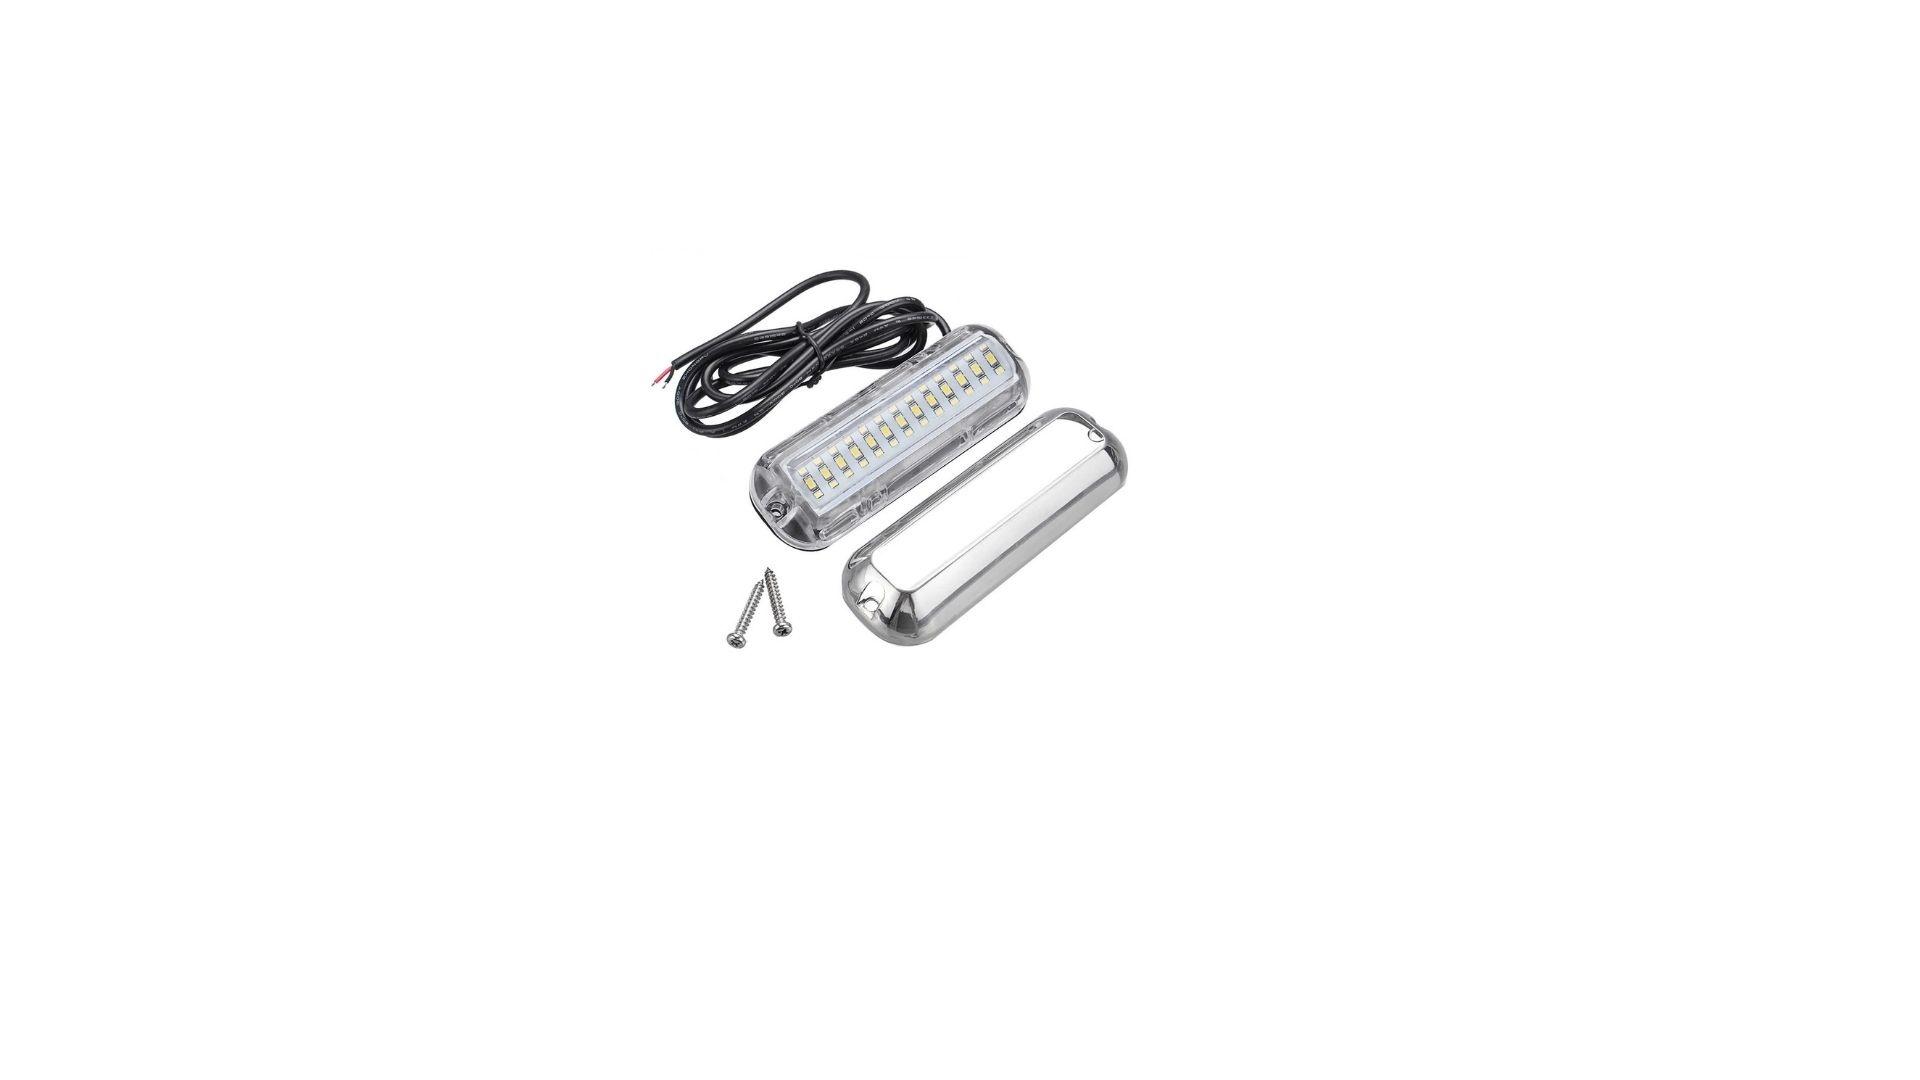 39 LED Underwater Light - White